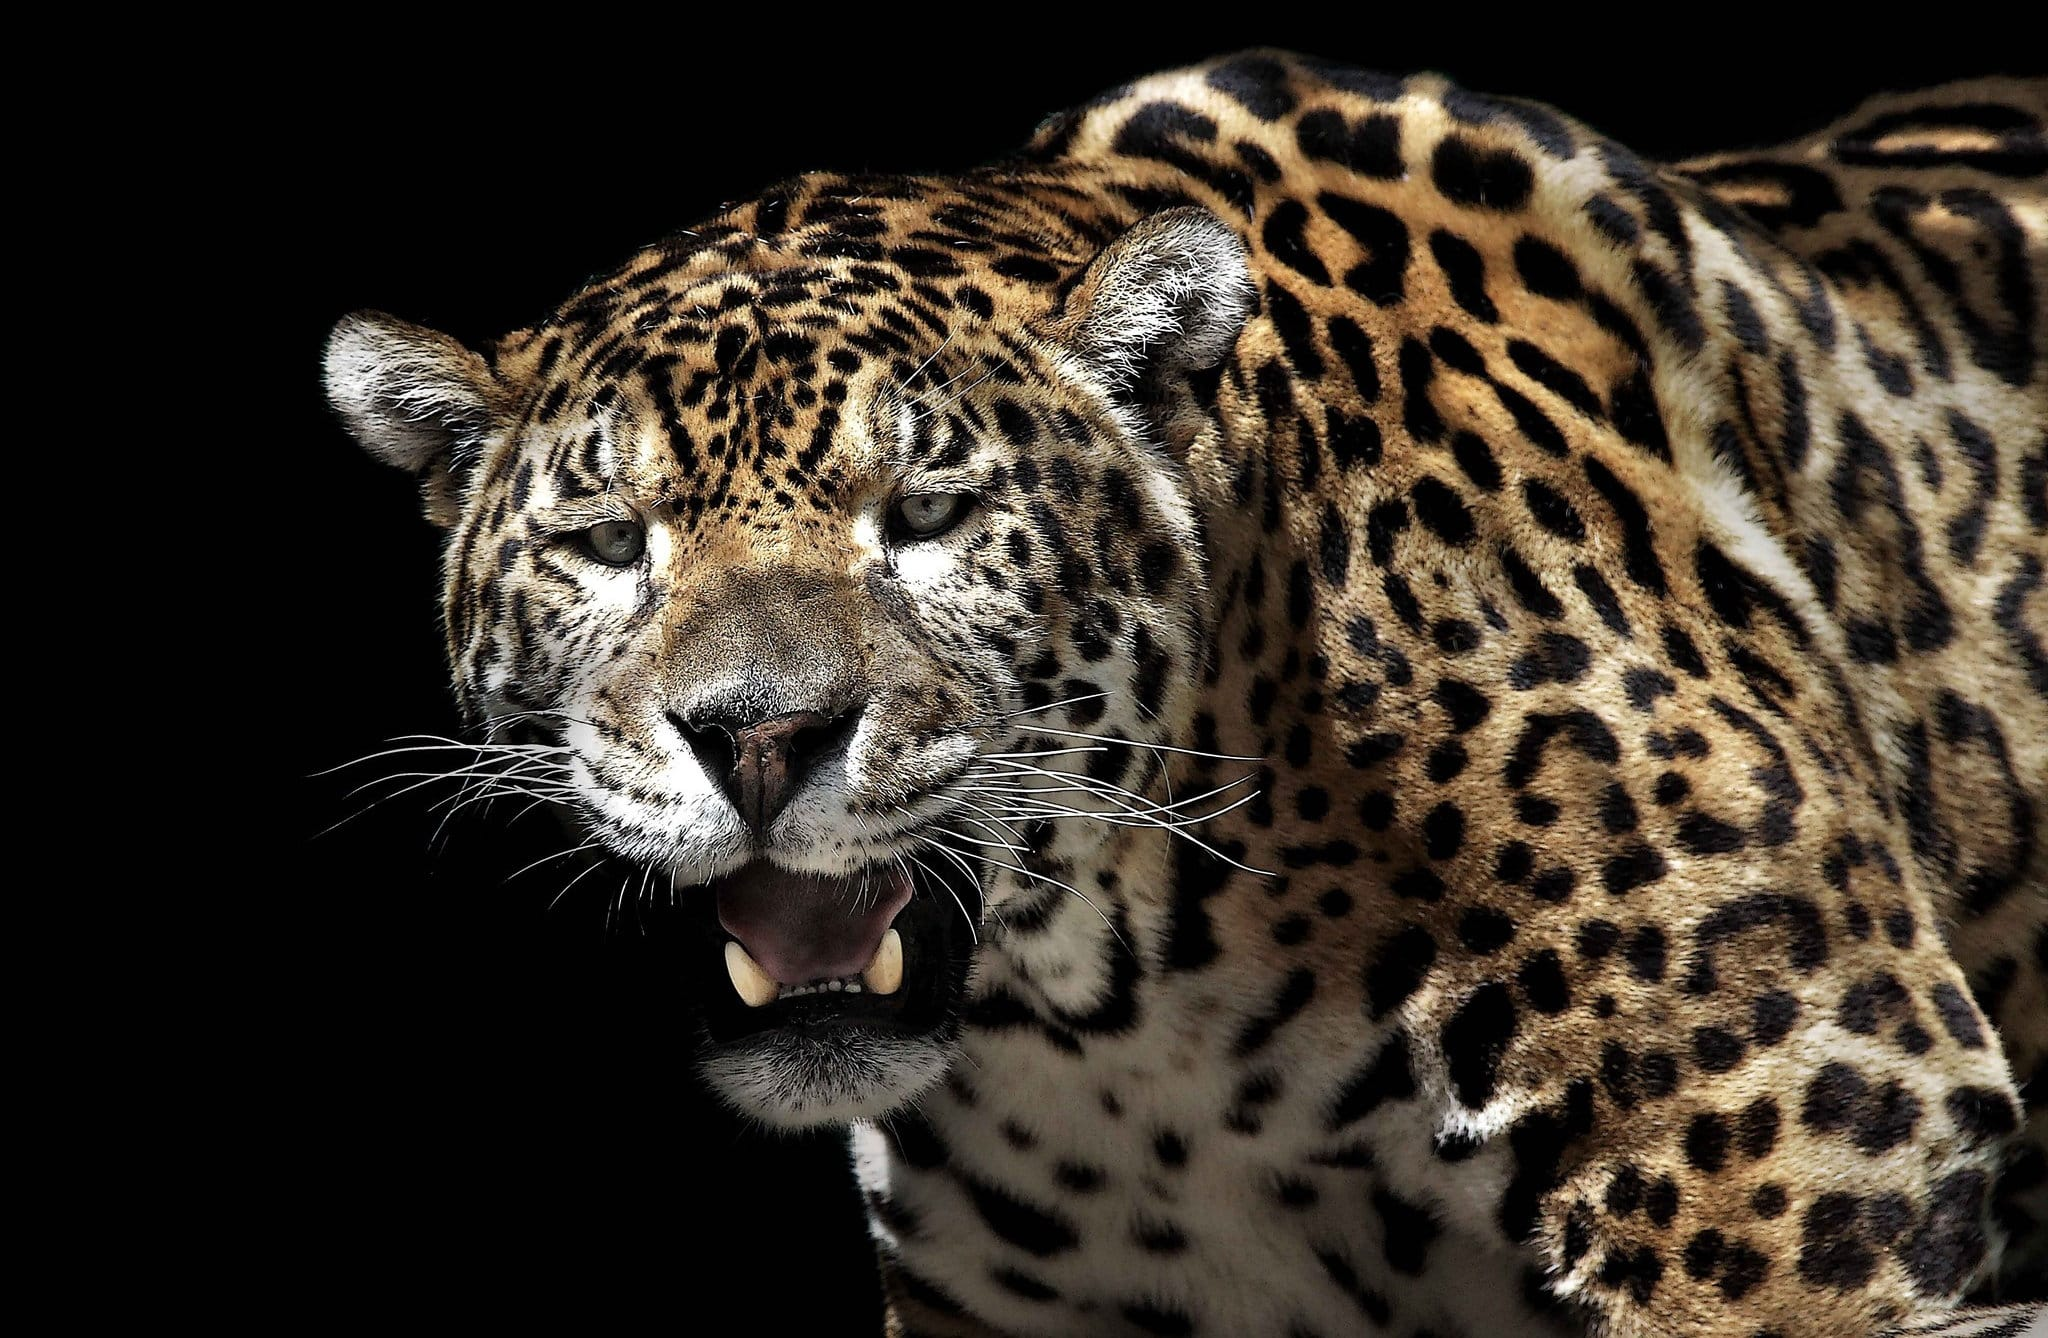 Jaguar backgrounds